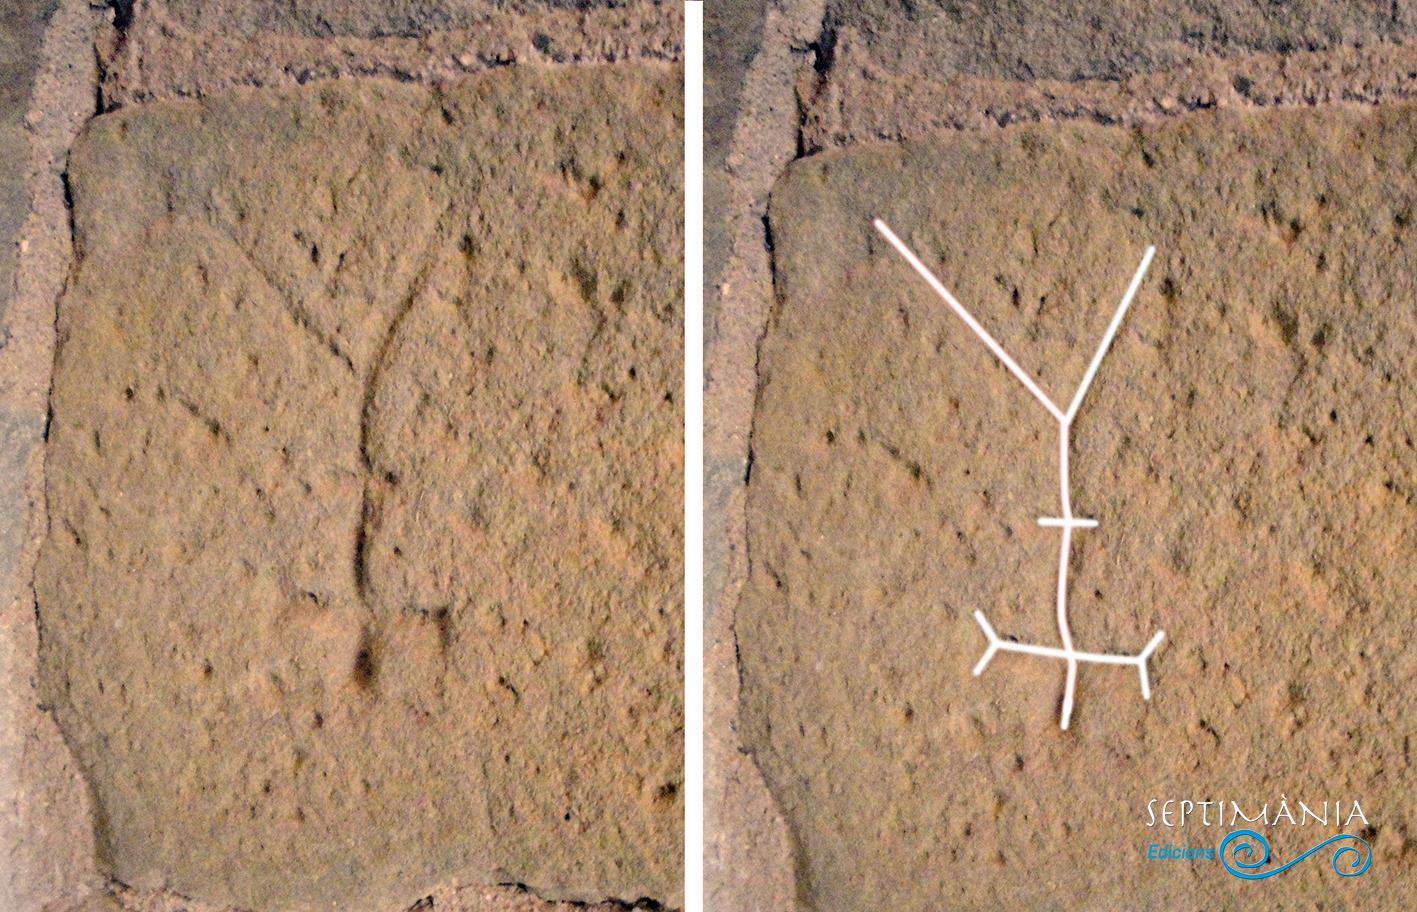 27.08.2021 Possiblement un grafit. Integrat per dues creus diferents. O bé, figura antropomorfa esquematitzada  invertida.  Priorat de Santa Maria de Castellfollit de Riubregós. -  Jordi Bibià